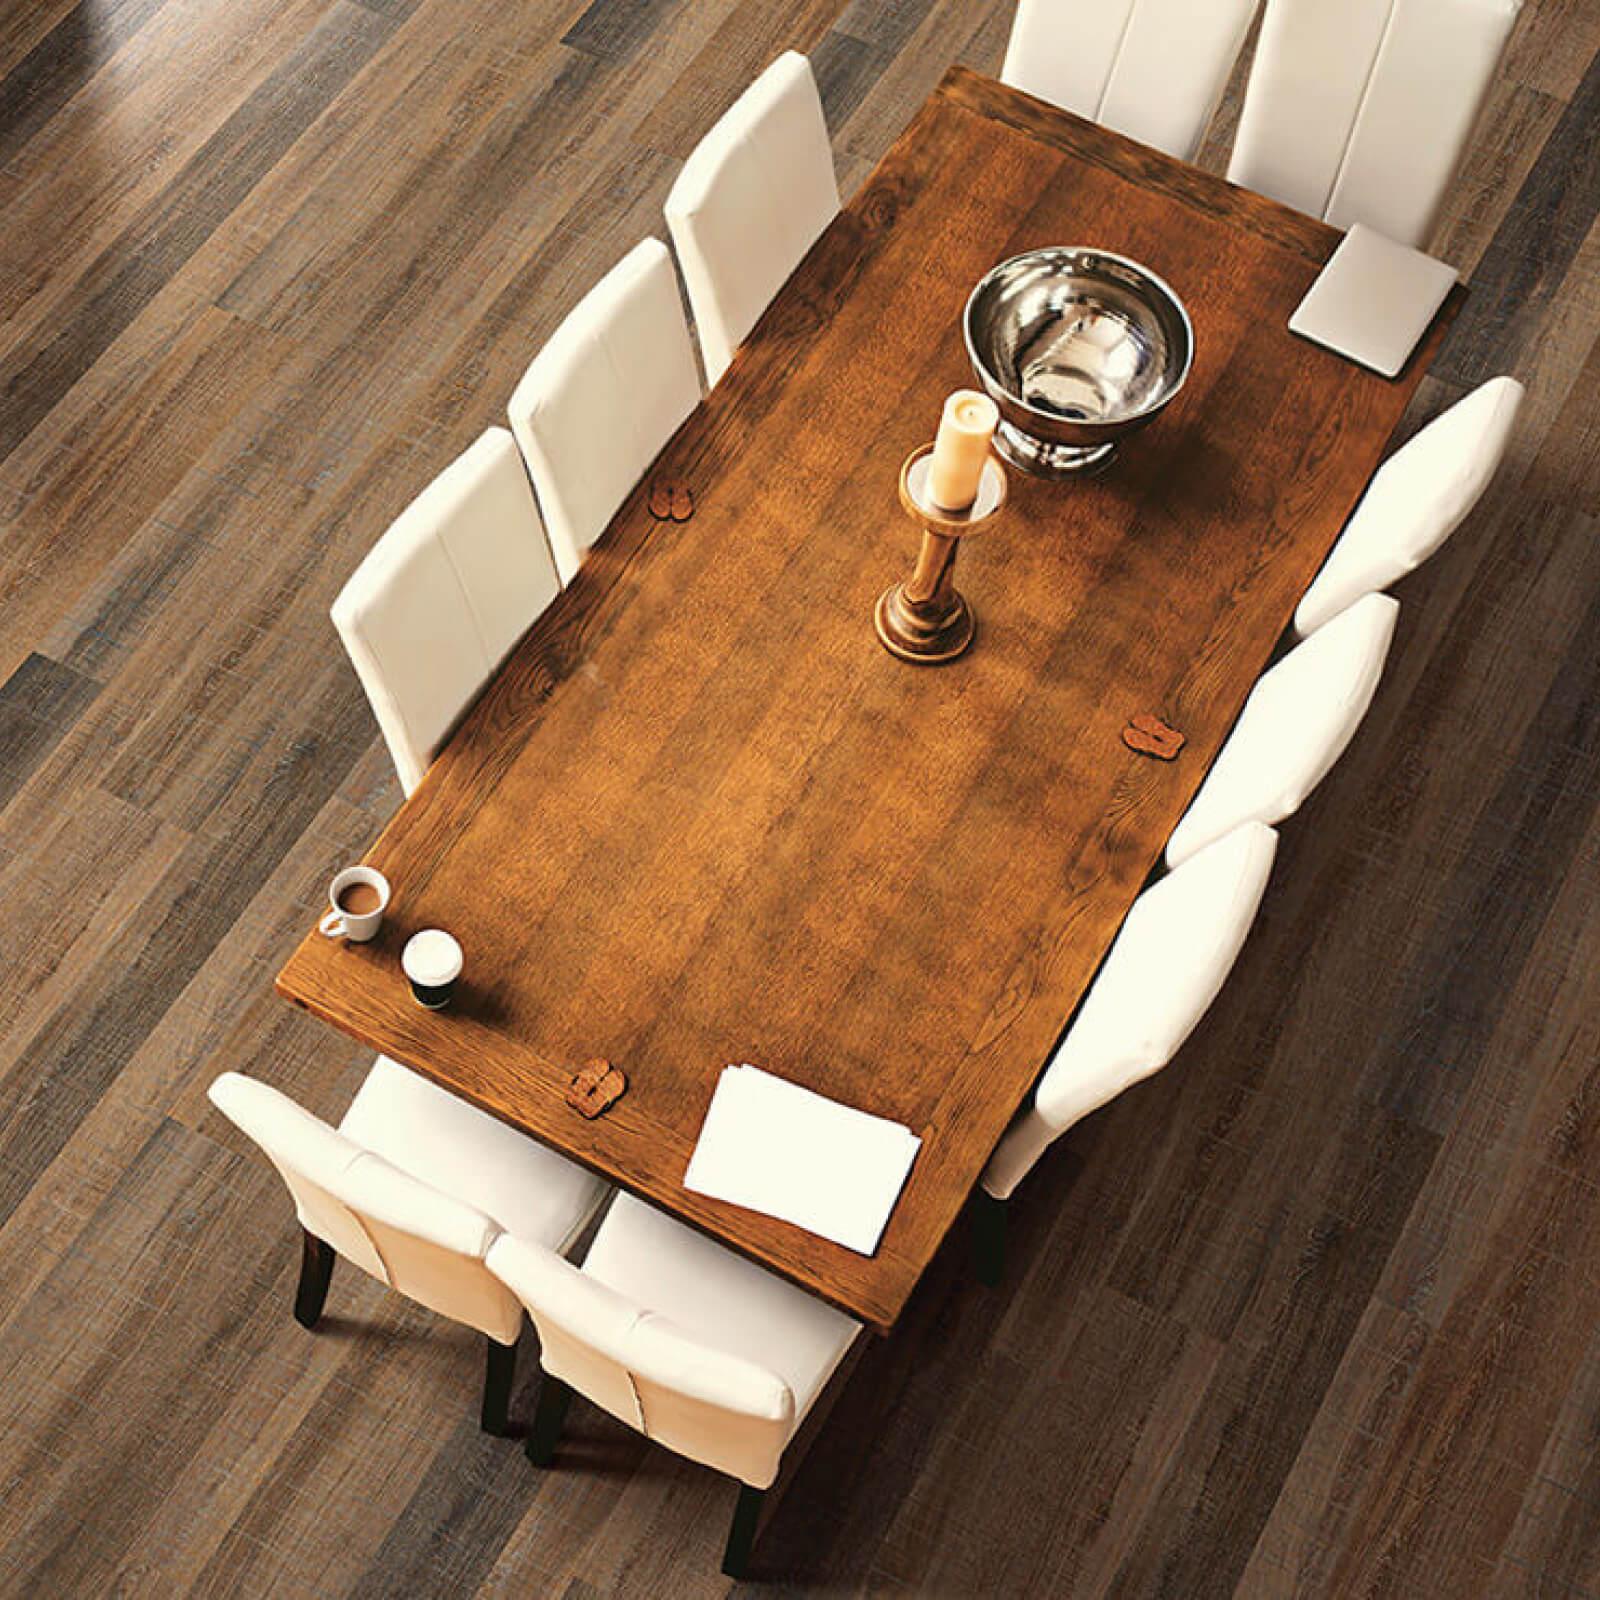 Vinyl Floors in Dining Room | Haley's Flooring & Interiors